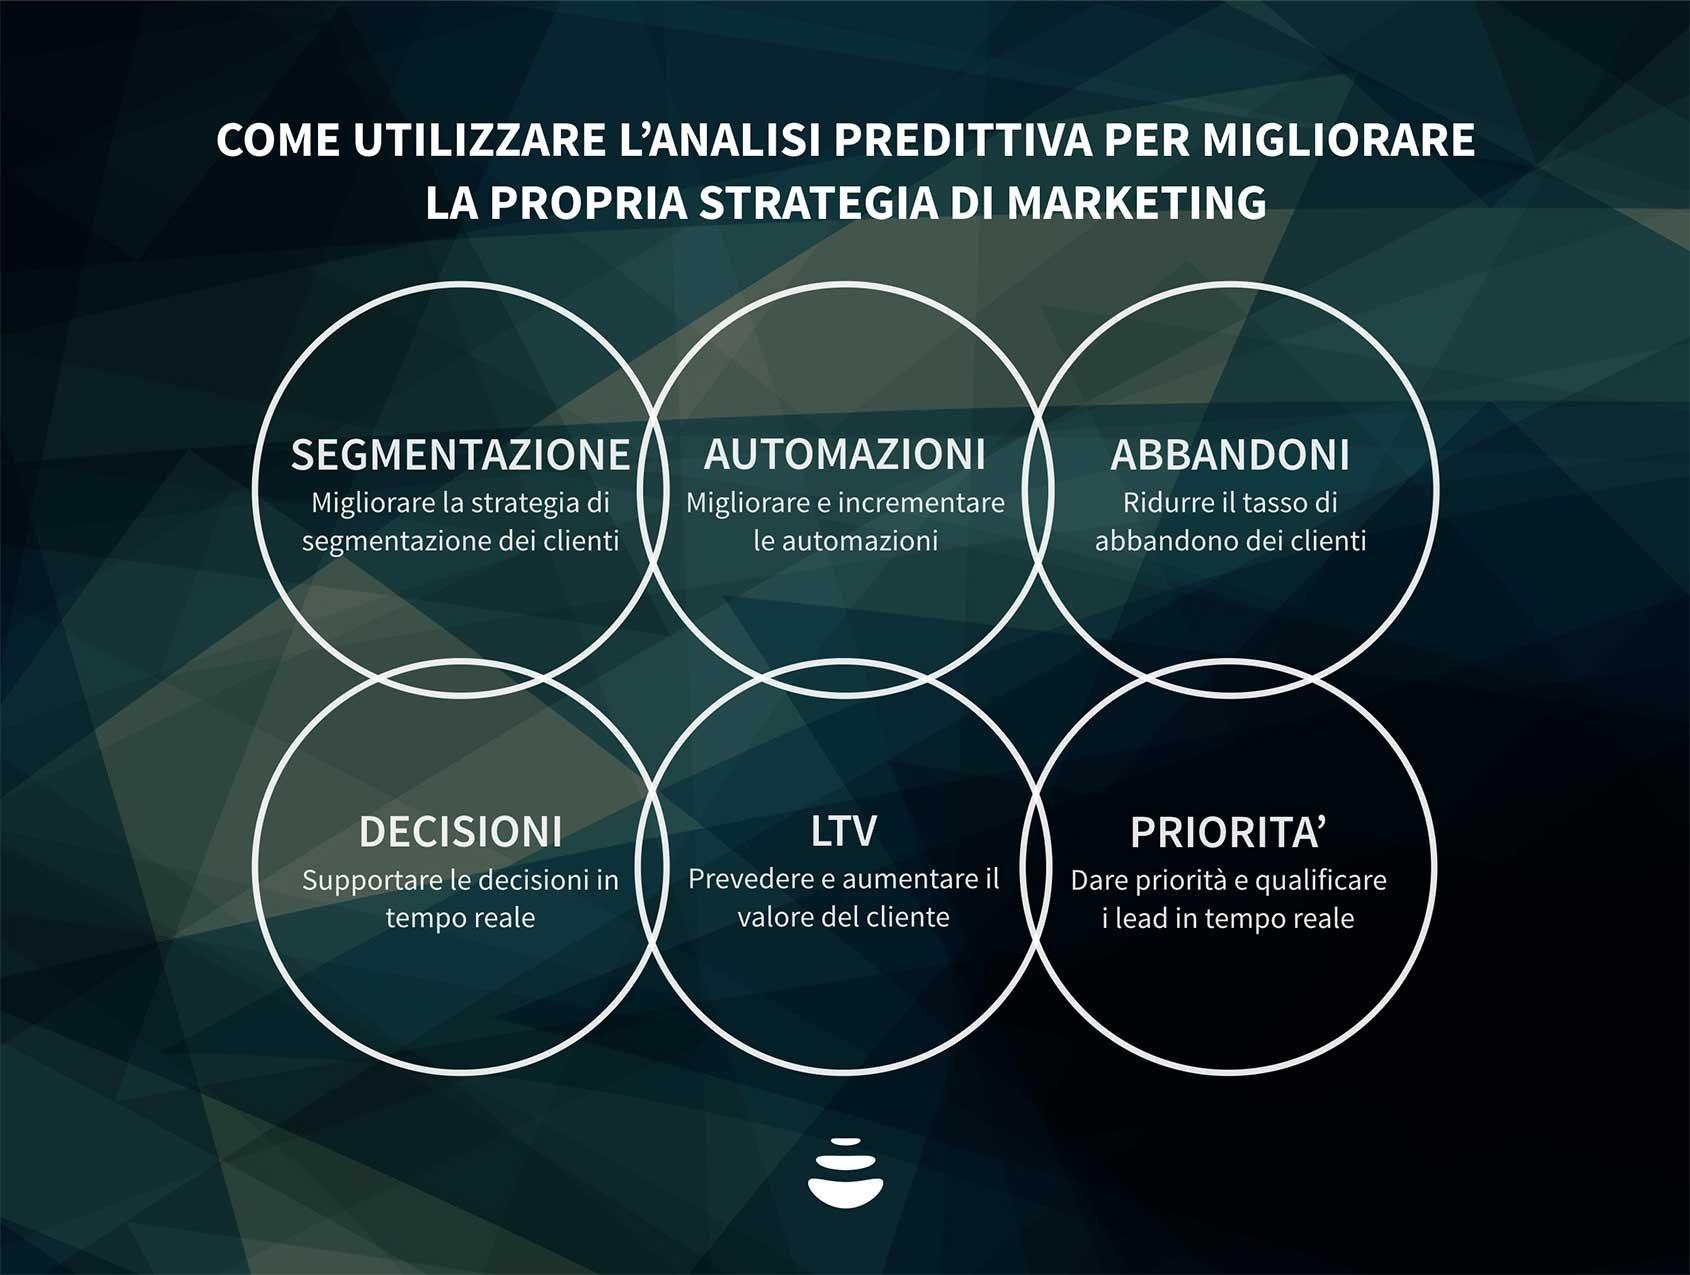 analisi e marketing predittivo